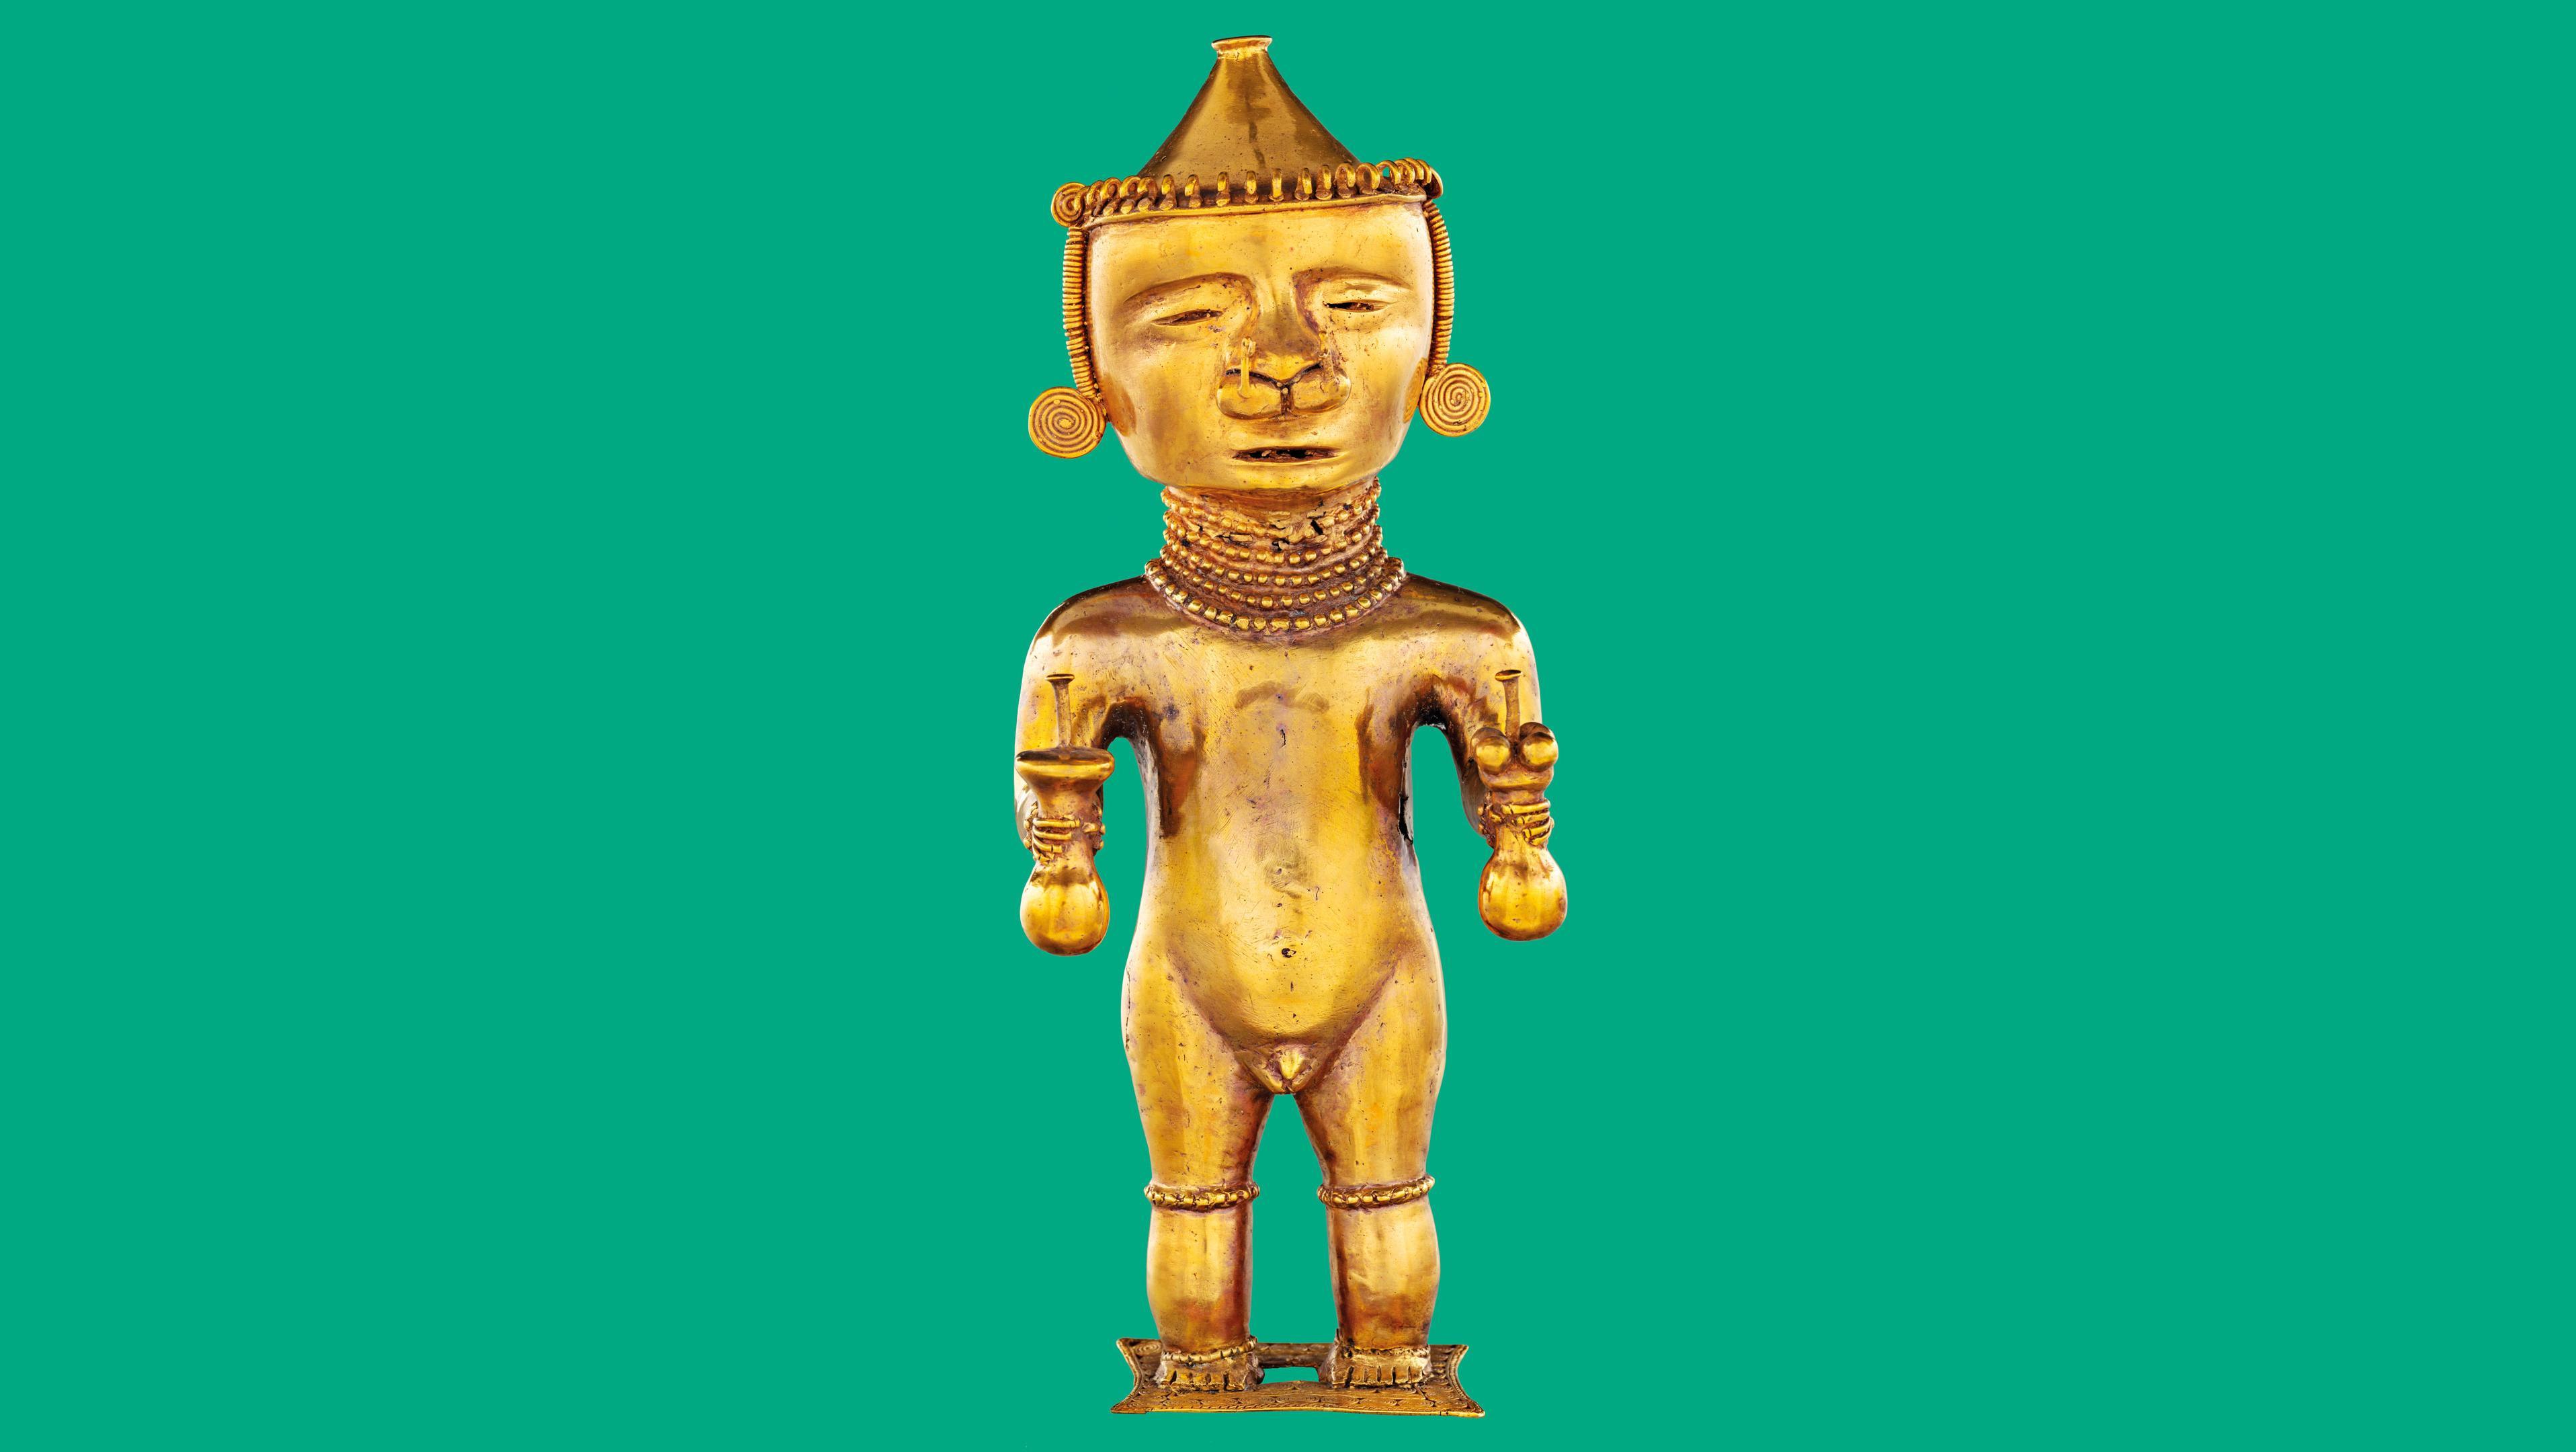 Die Kazike, ein Beispiel der Goldschmiedekunst der Quimbaya im heutigen Kolumbien, zeigt vermutlich einen Priesterfürsten.